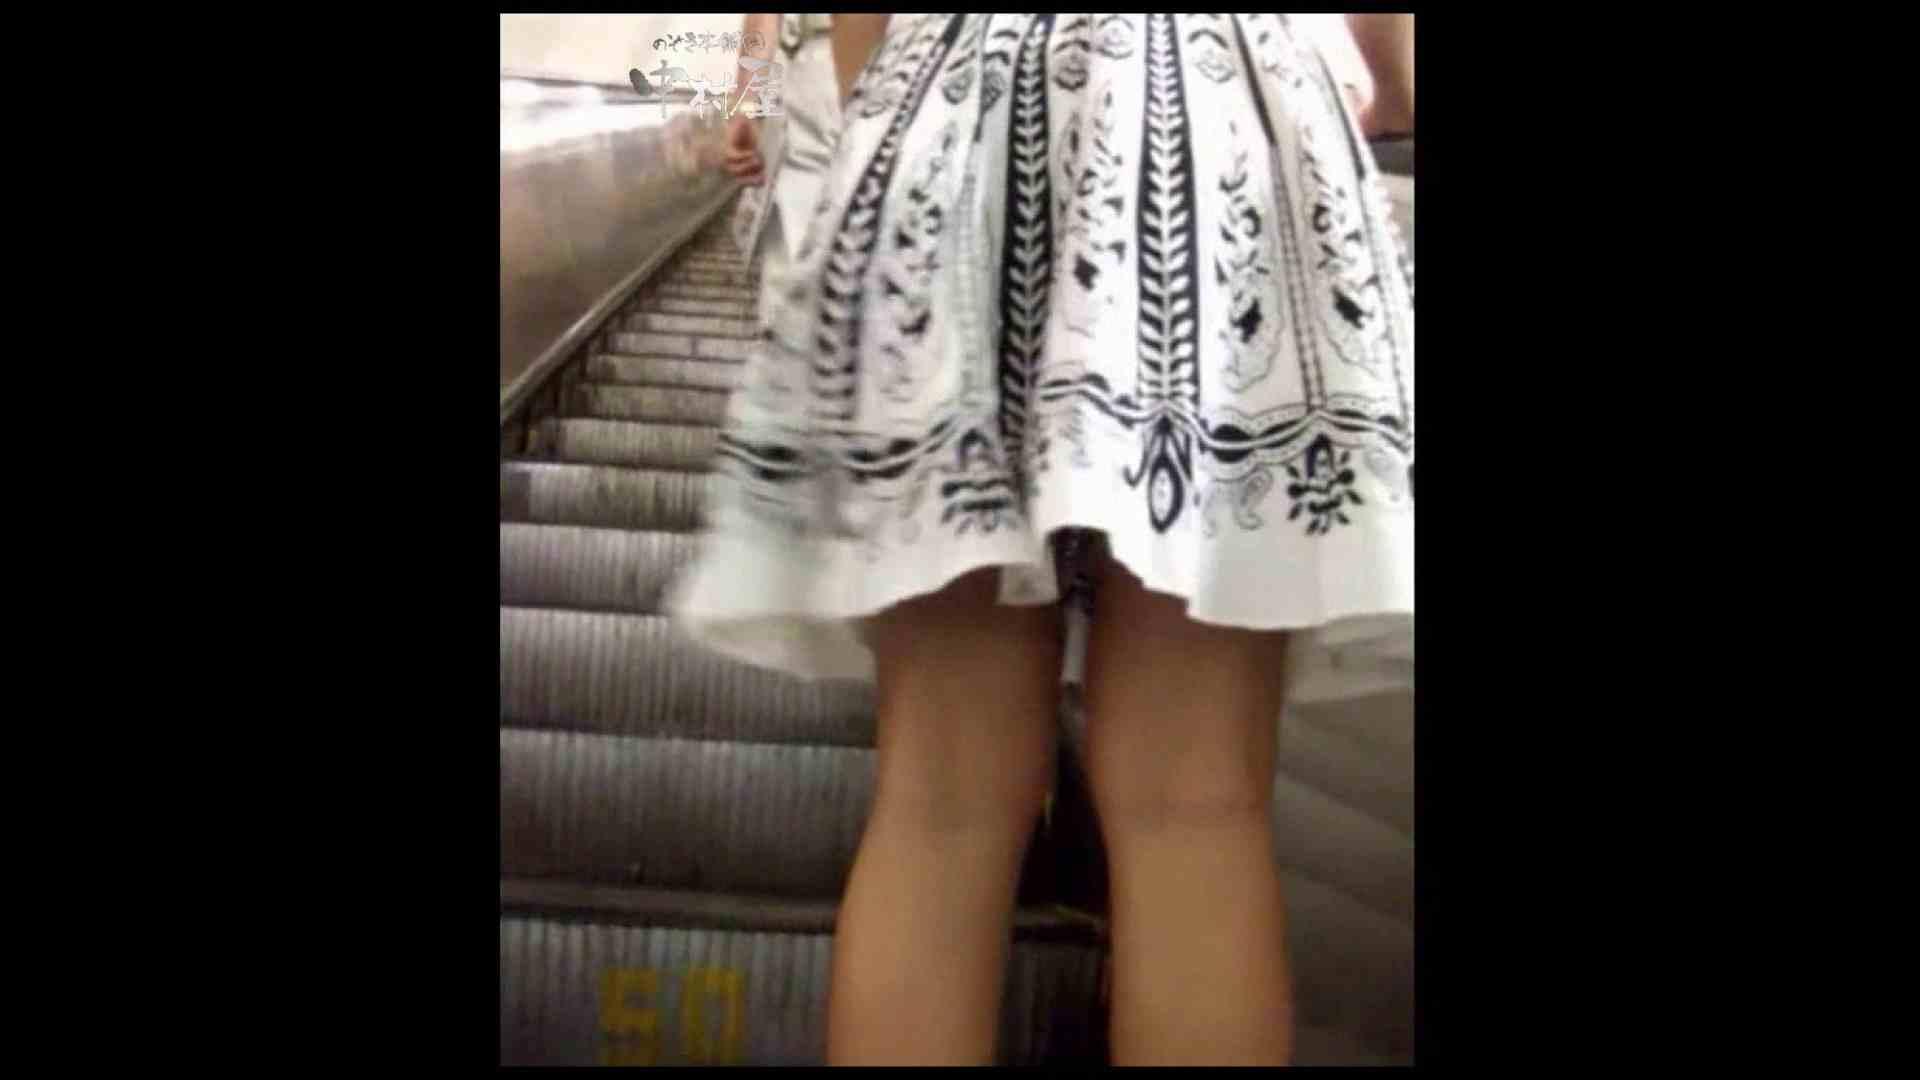 綺麗なモデルさんのスカート捲っちゃおう‼ vol30 お姉さん丸裸   モデル  96pic 79